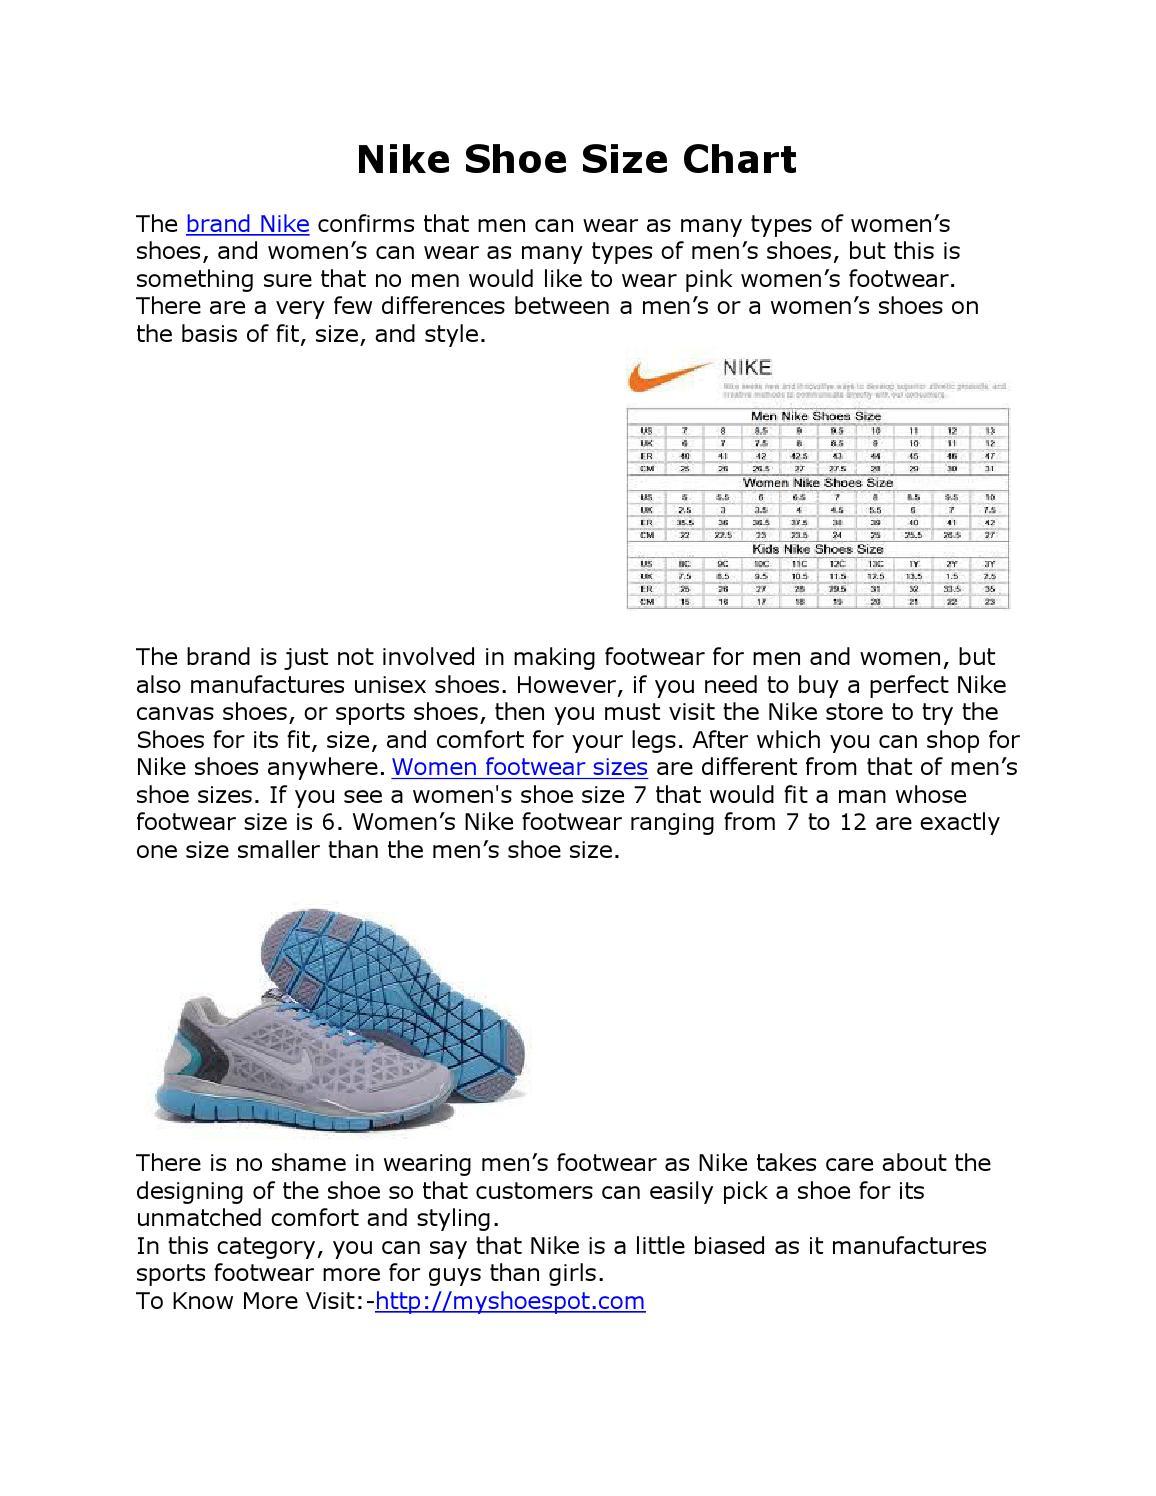 Nike shoe size chart by mysoesspot - issuu